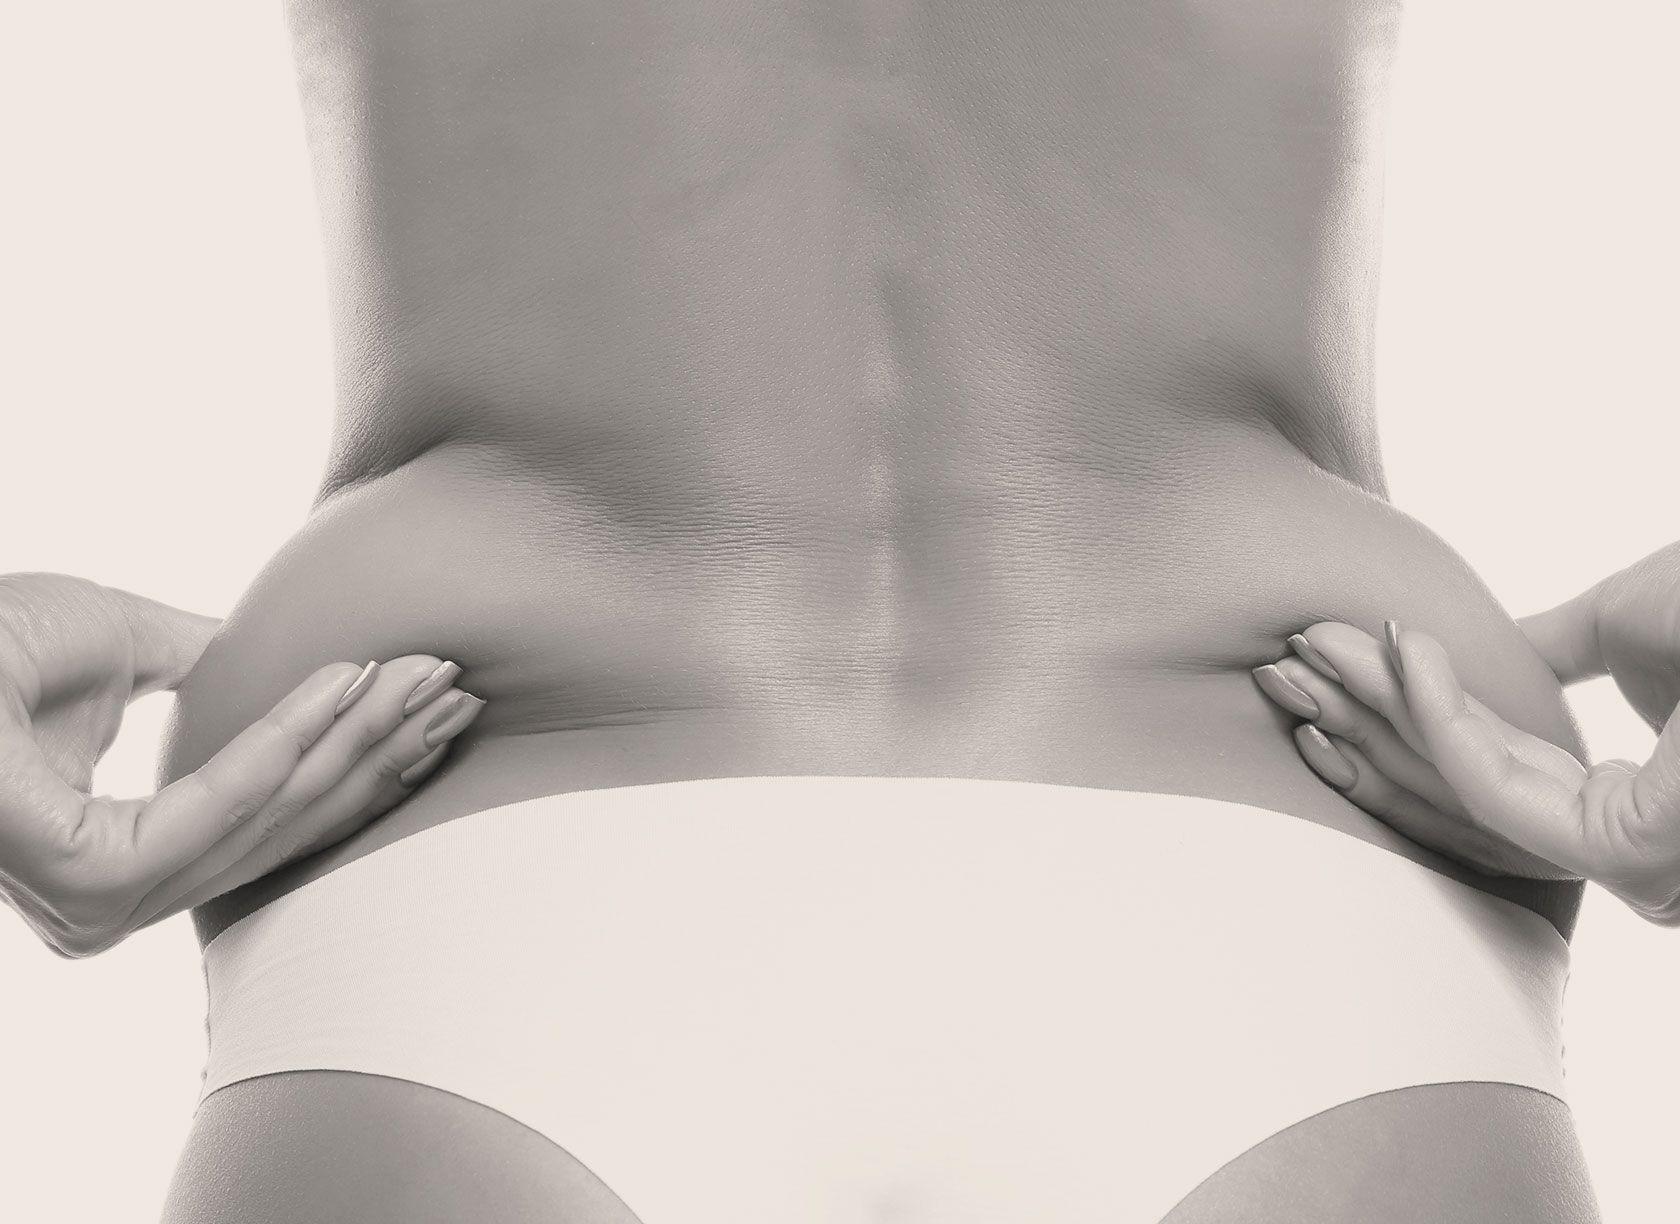 La liposuccion du bas du dos à Paris 8 par le Dr Pachet